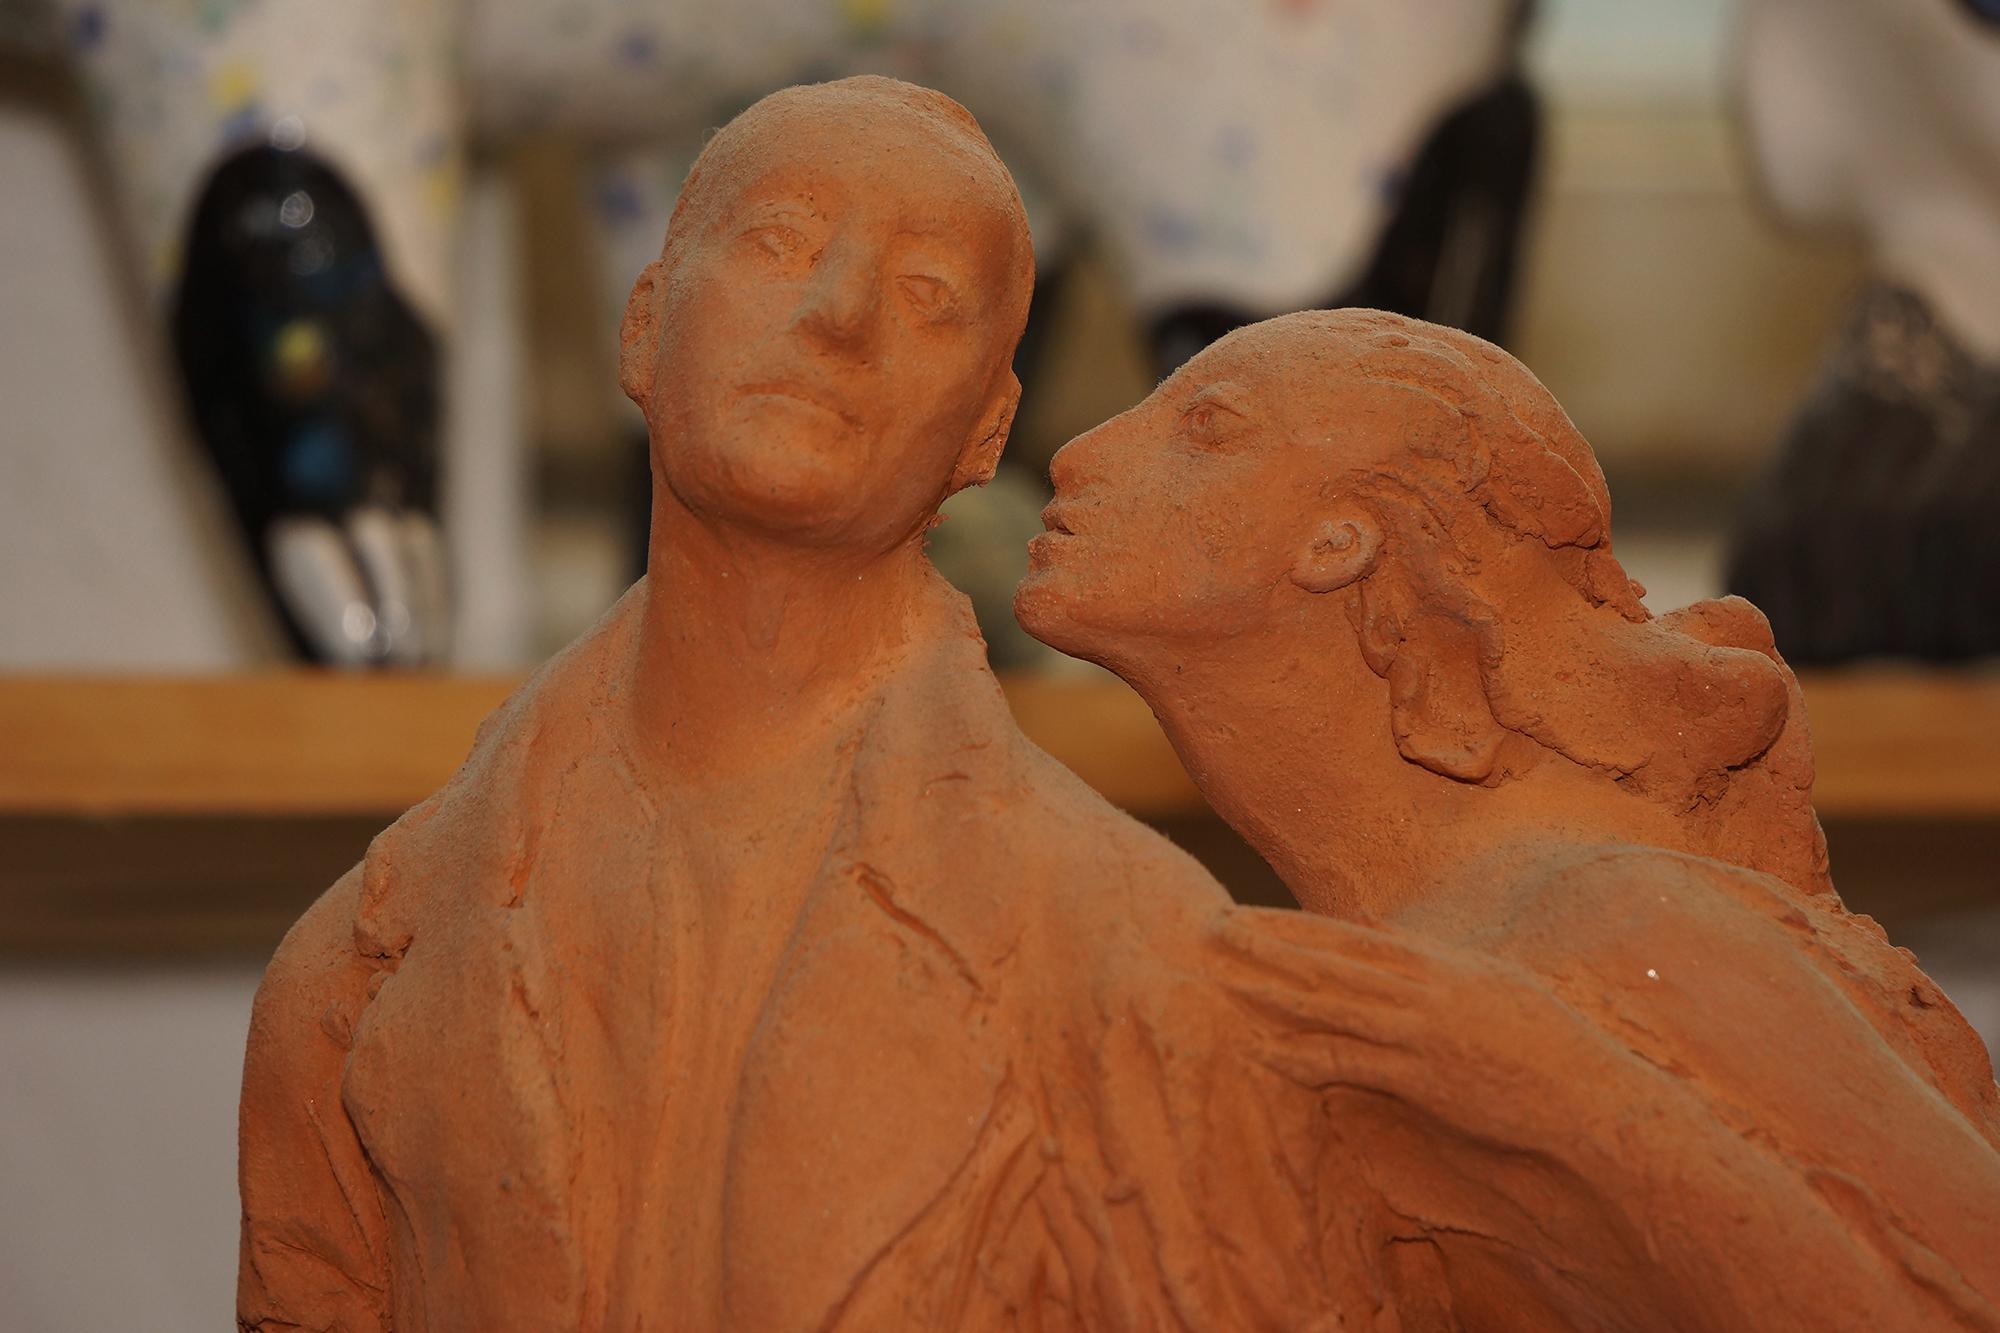 Мастерская скульптора, фото:Алексей Рожнов